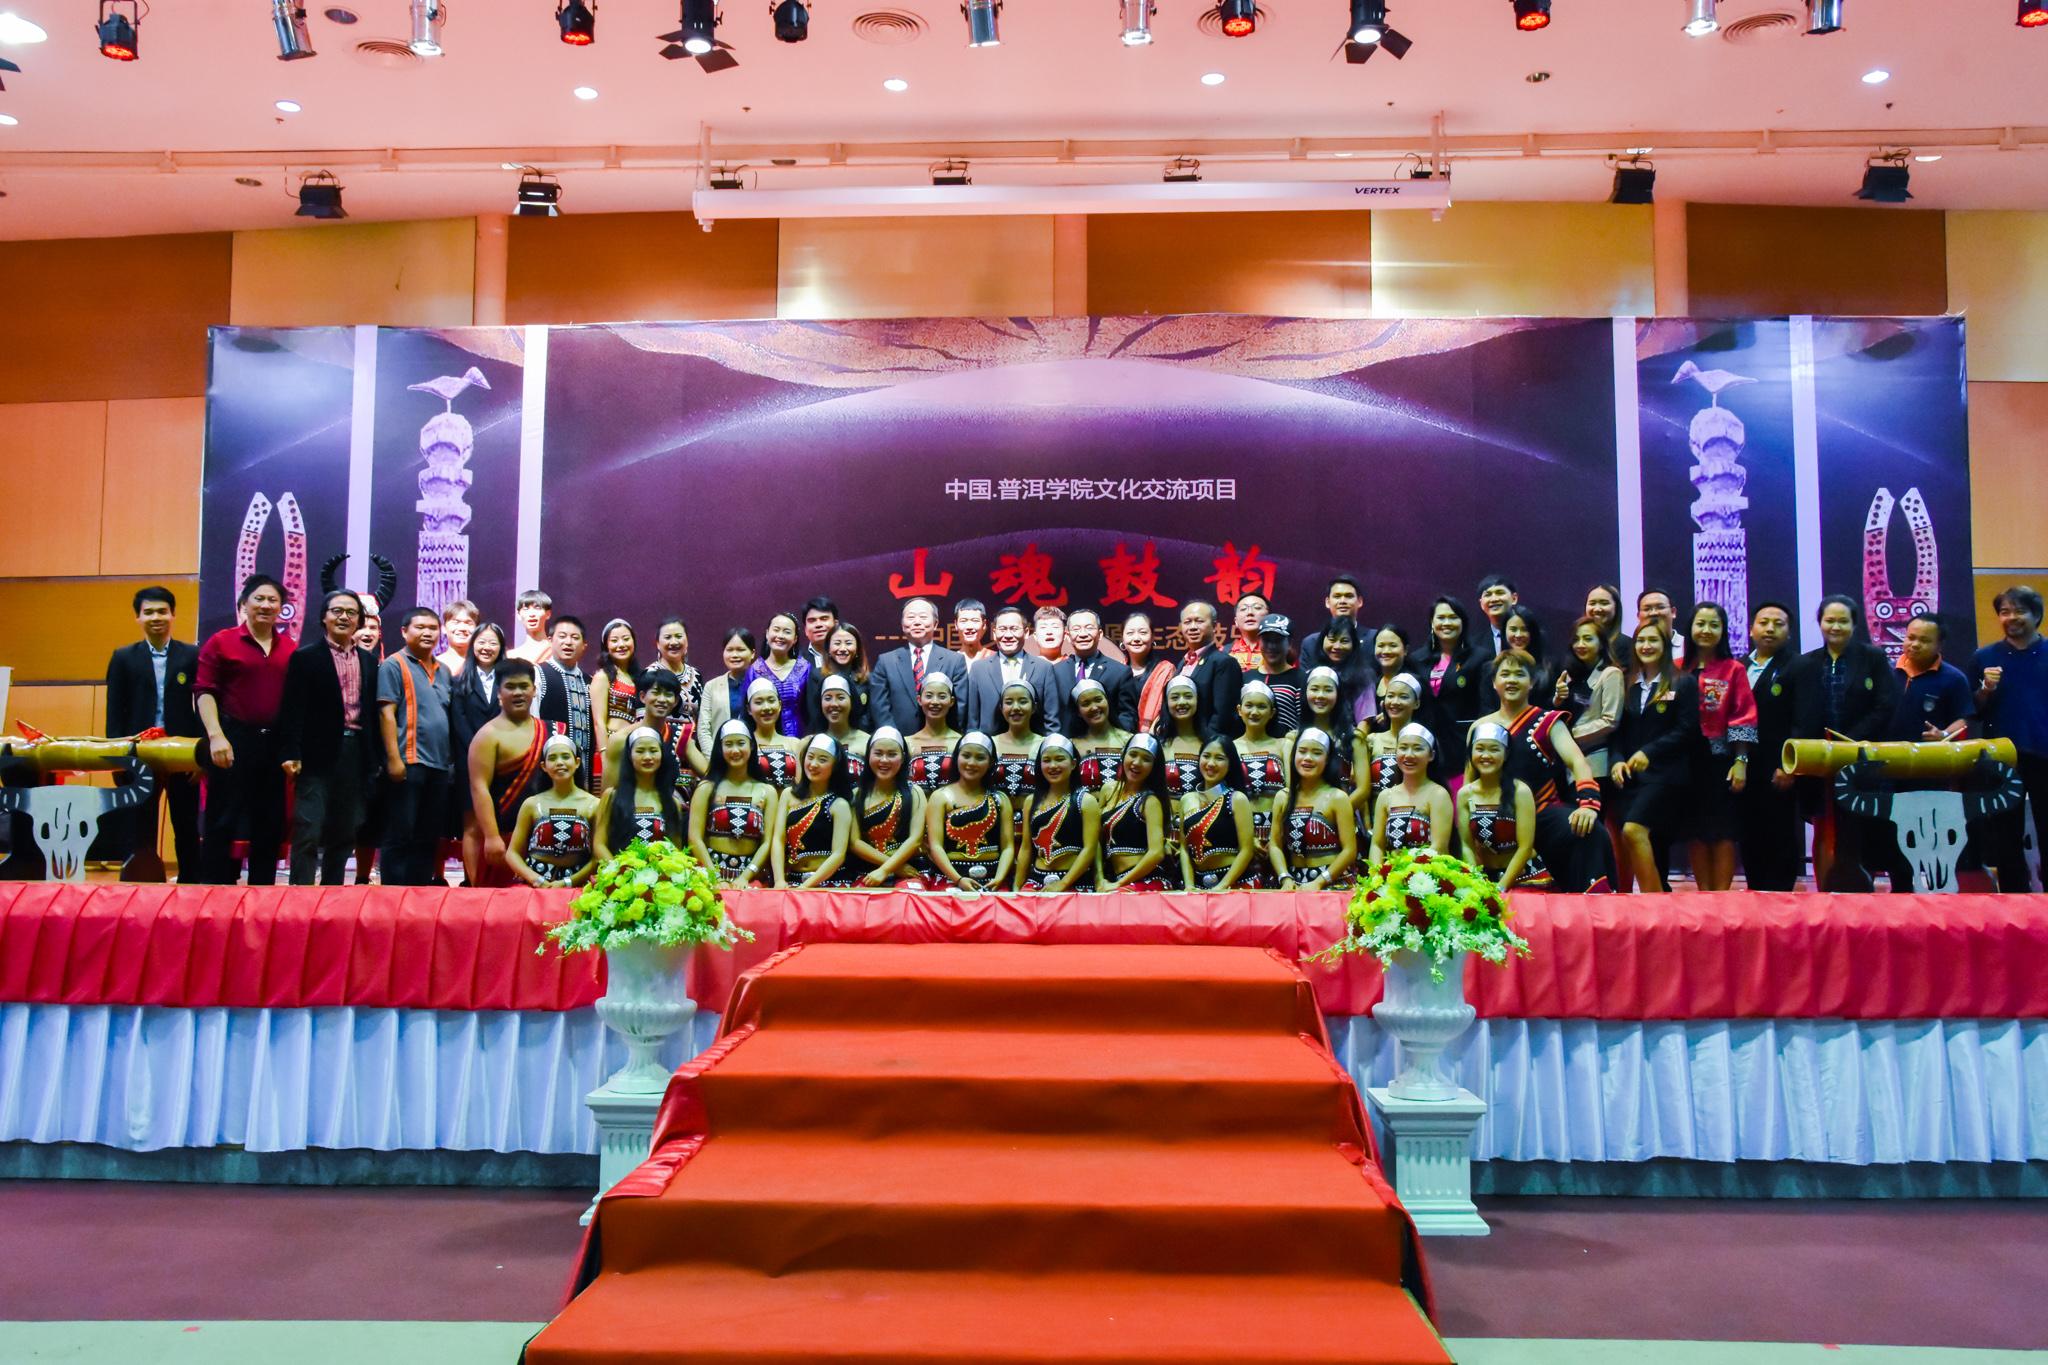 การประกวดสุนทรพจน์ภาษาจีนและการแสดงความสามารถพิเศษด้านวัฒนธรรมจีนจากโรงเรียนประถมและมัธยมในเครือข่ายโครงการInternational Internship Program (IIP)